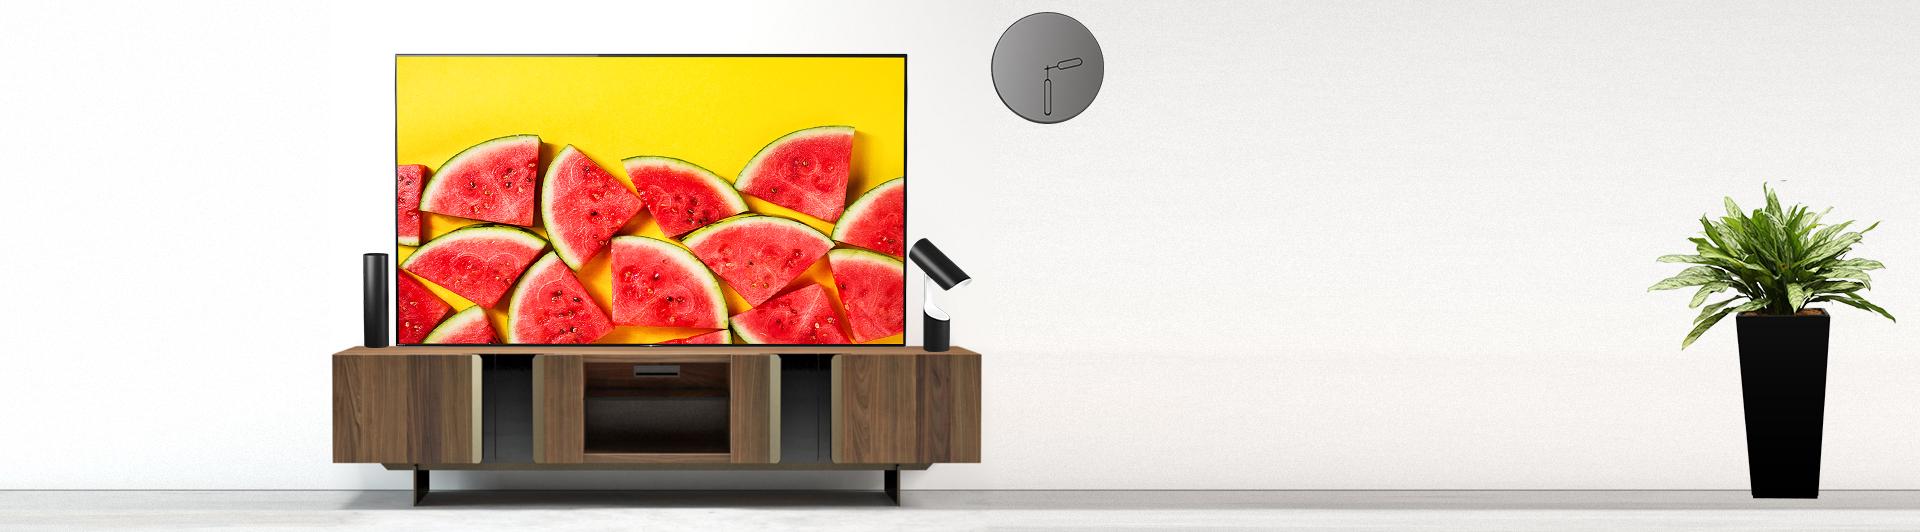 Smart TV OLED 77 inch Sony Bravia KD-77A1 màn hình 77 inch